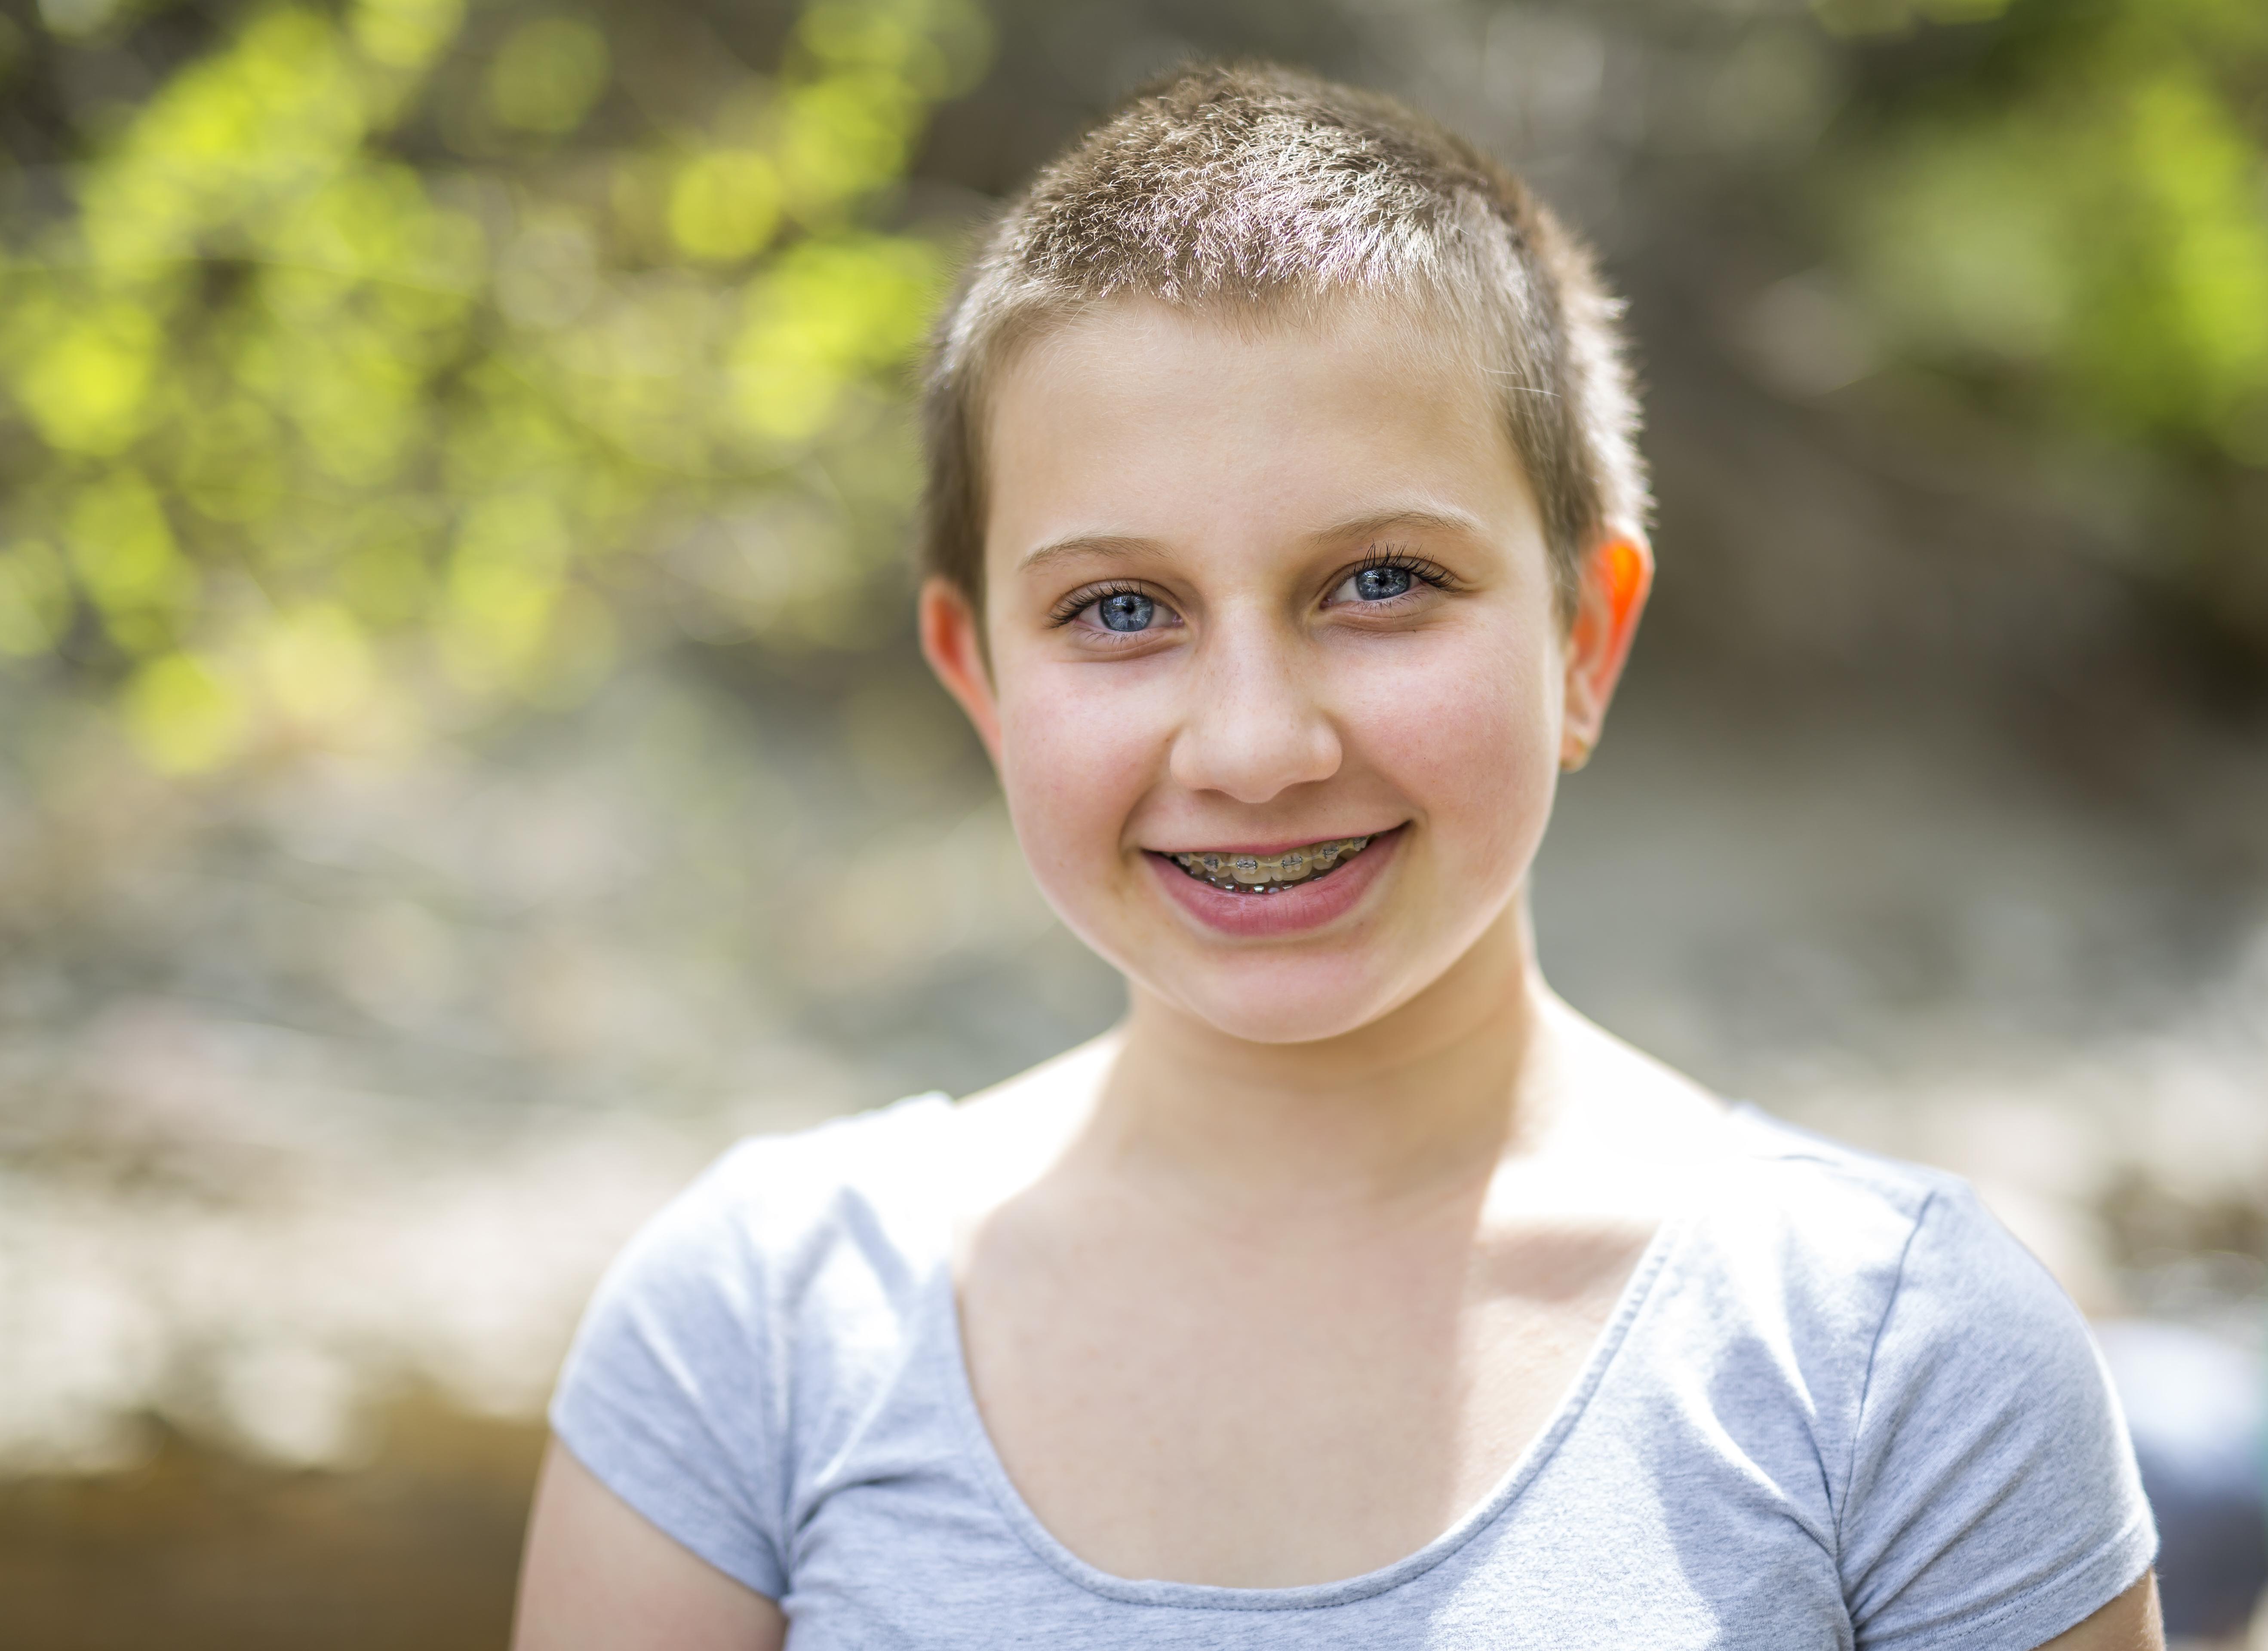 Överlevnaden för barn med cancersjukdom har ökat från 80 till 85 procent, visar siffror från Barncancerfonden.